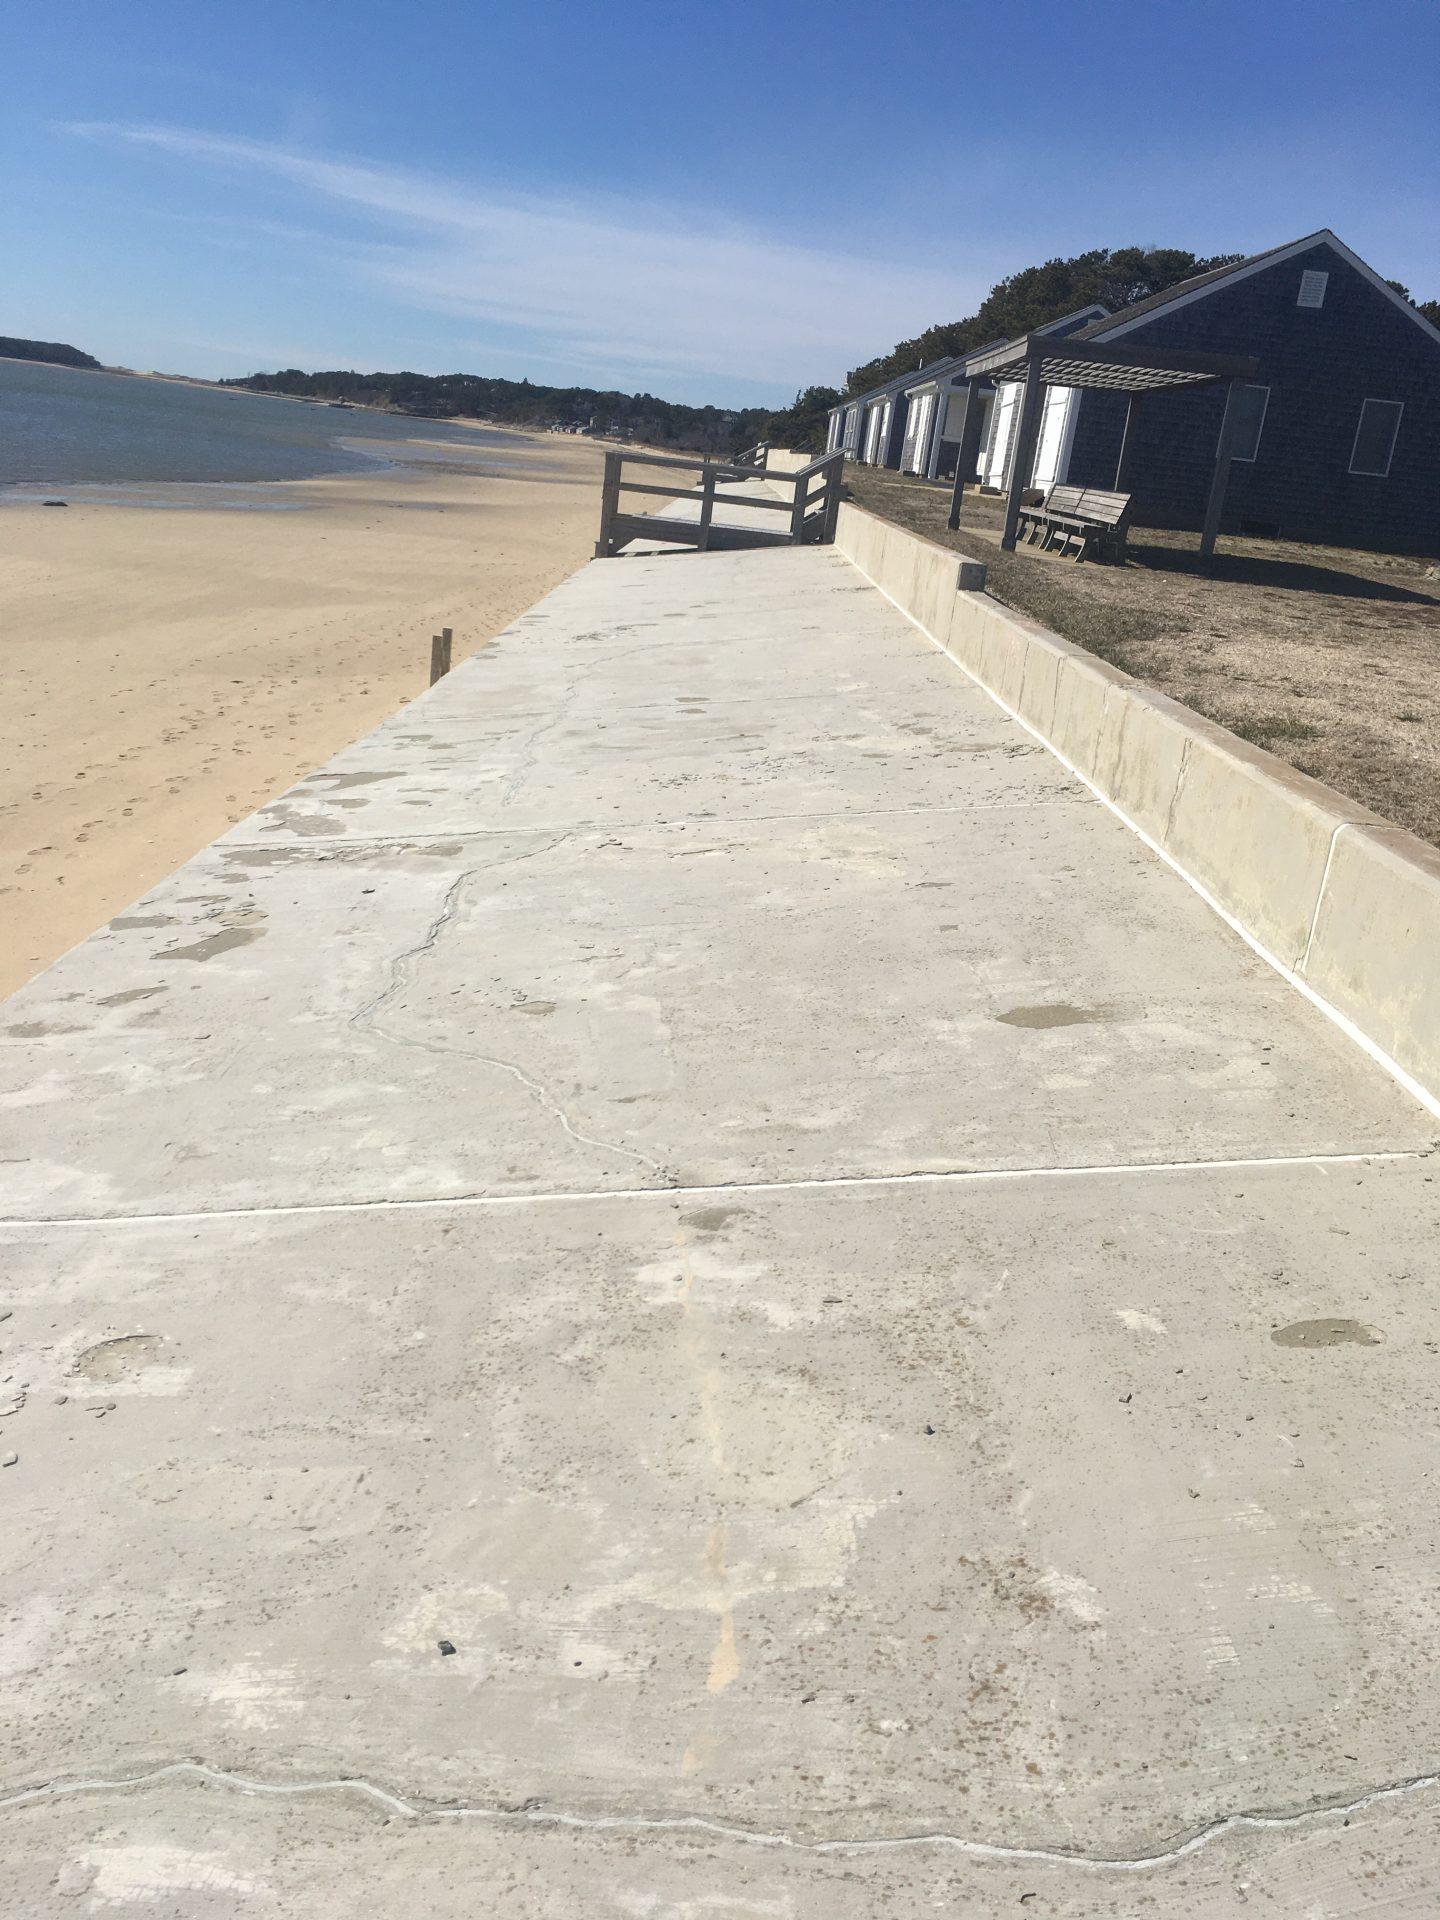 delaminated parge coast apron slab